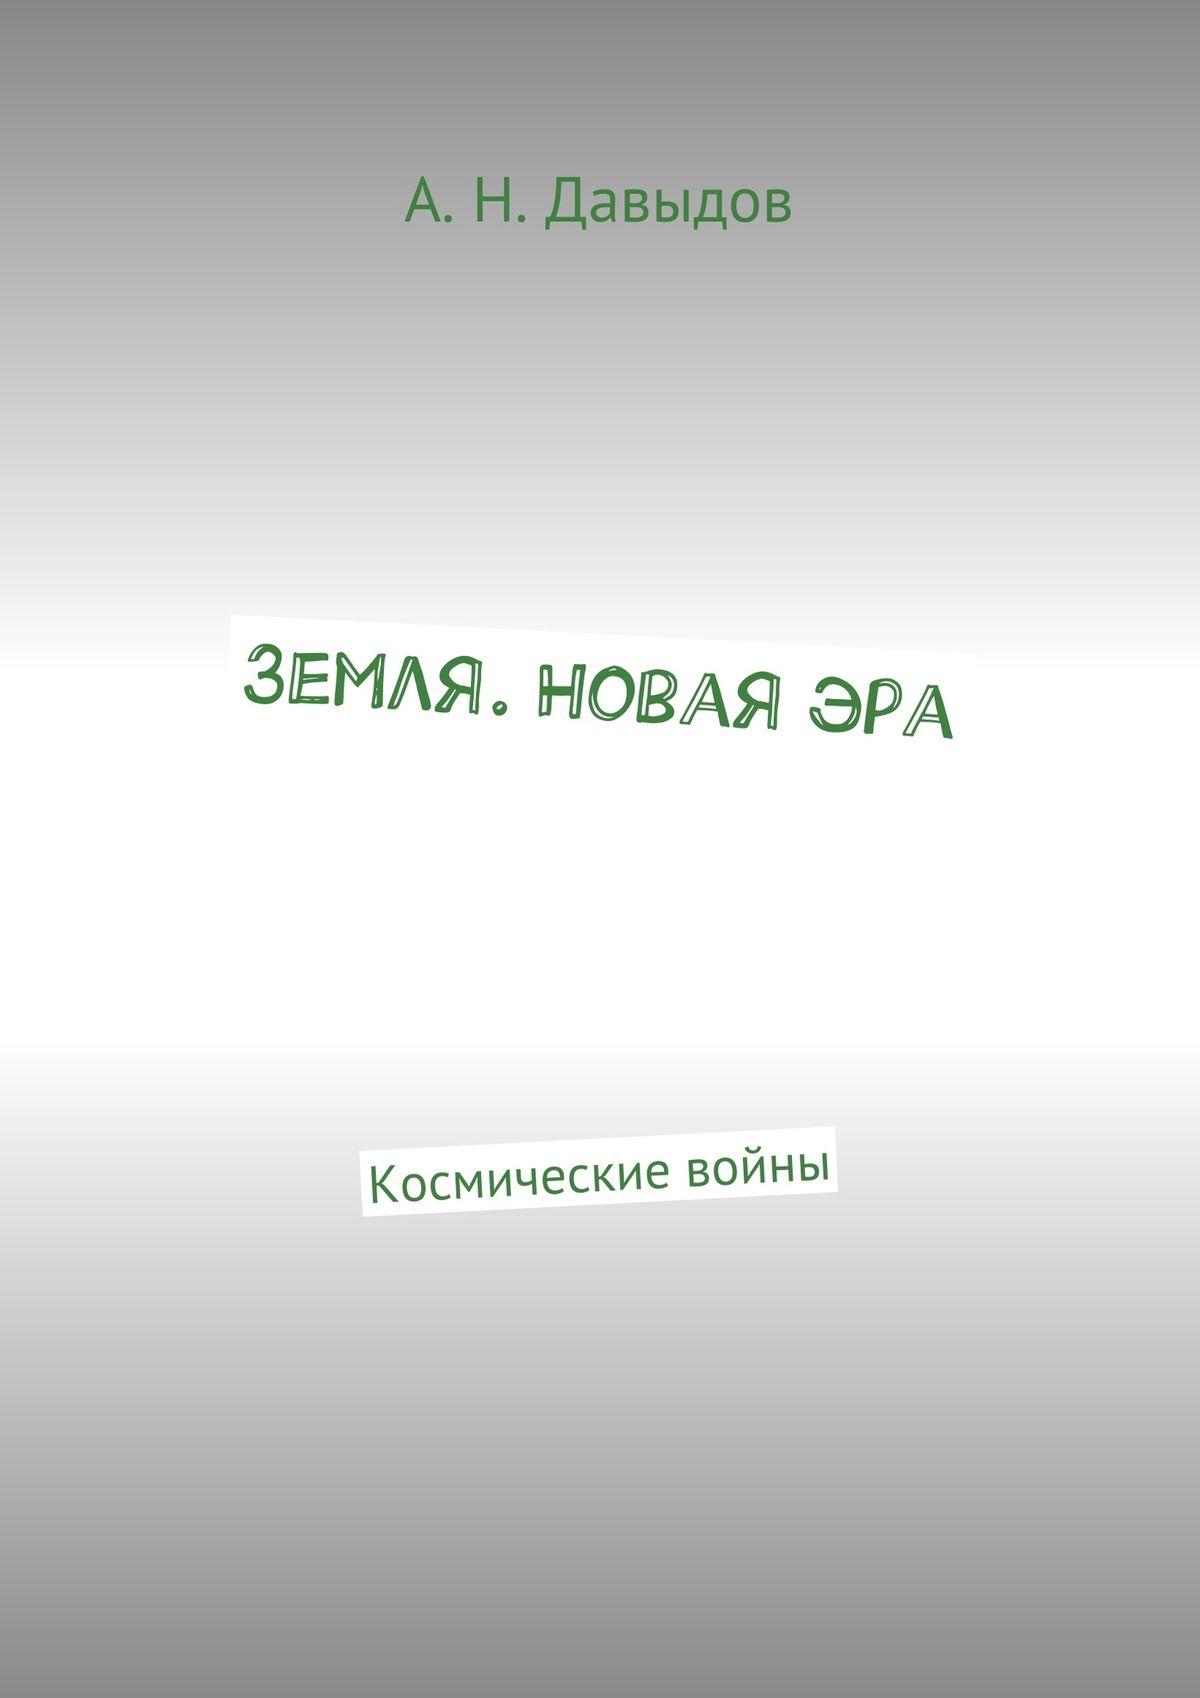 Алексей Николаевич Давыдов Земля. Новаяэра. Космические войны цены